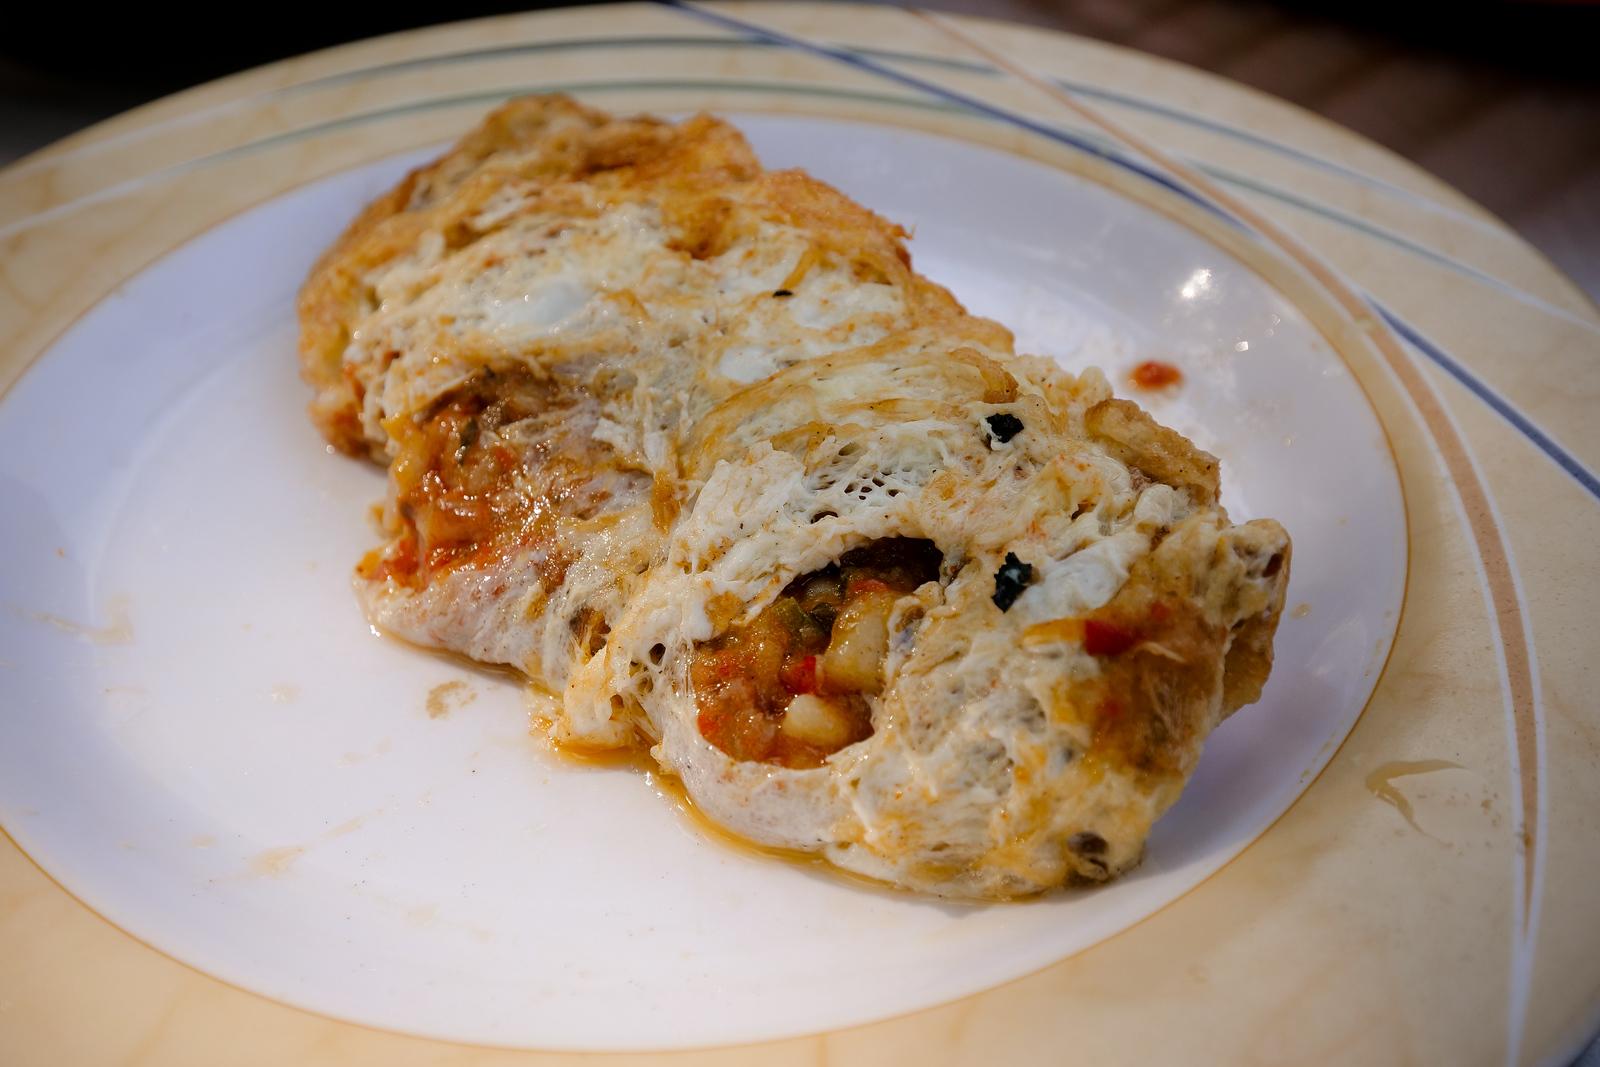 Crisis omelet at Majeed Huts